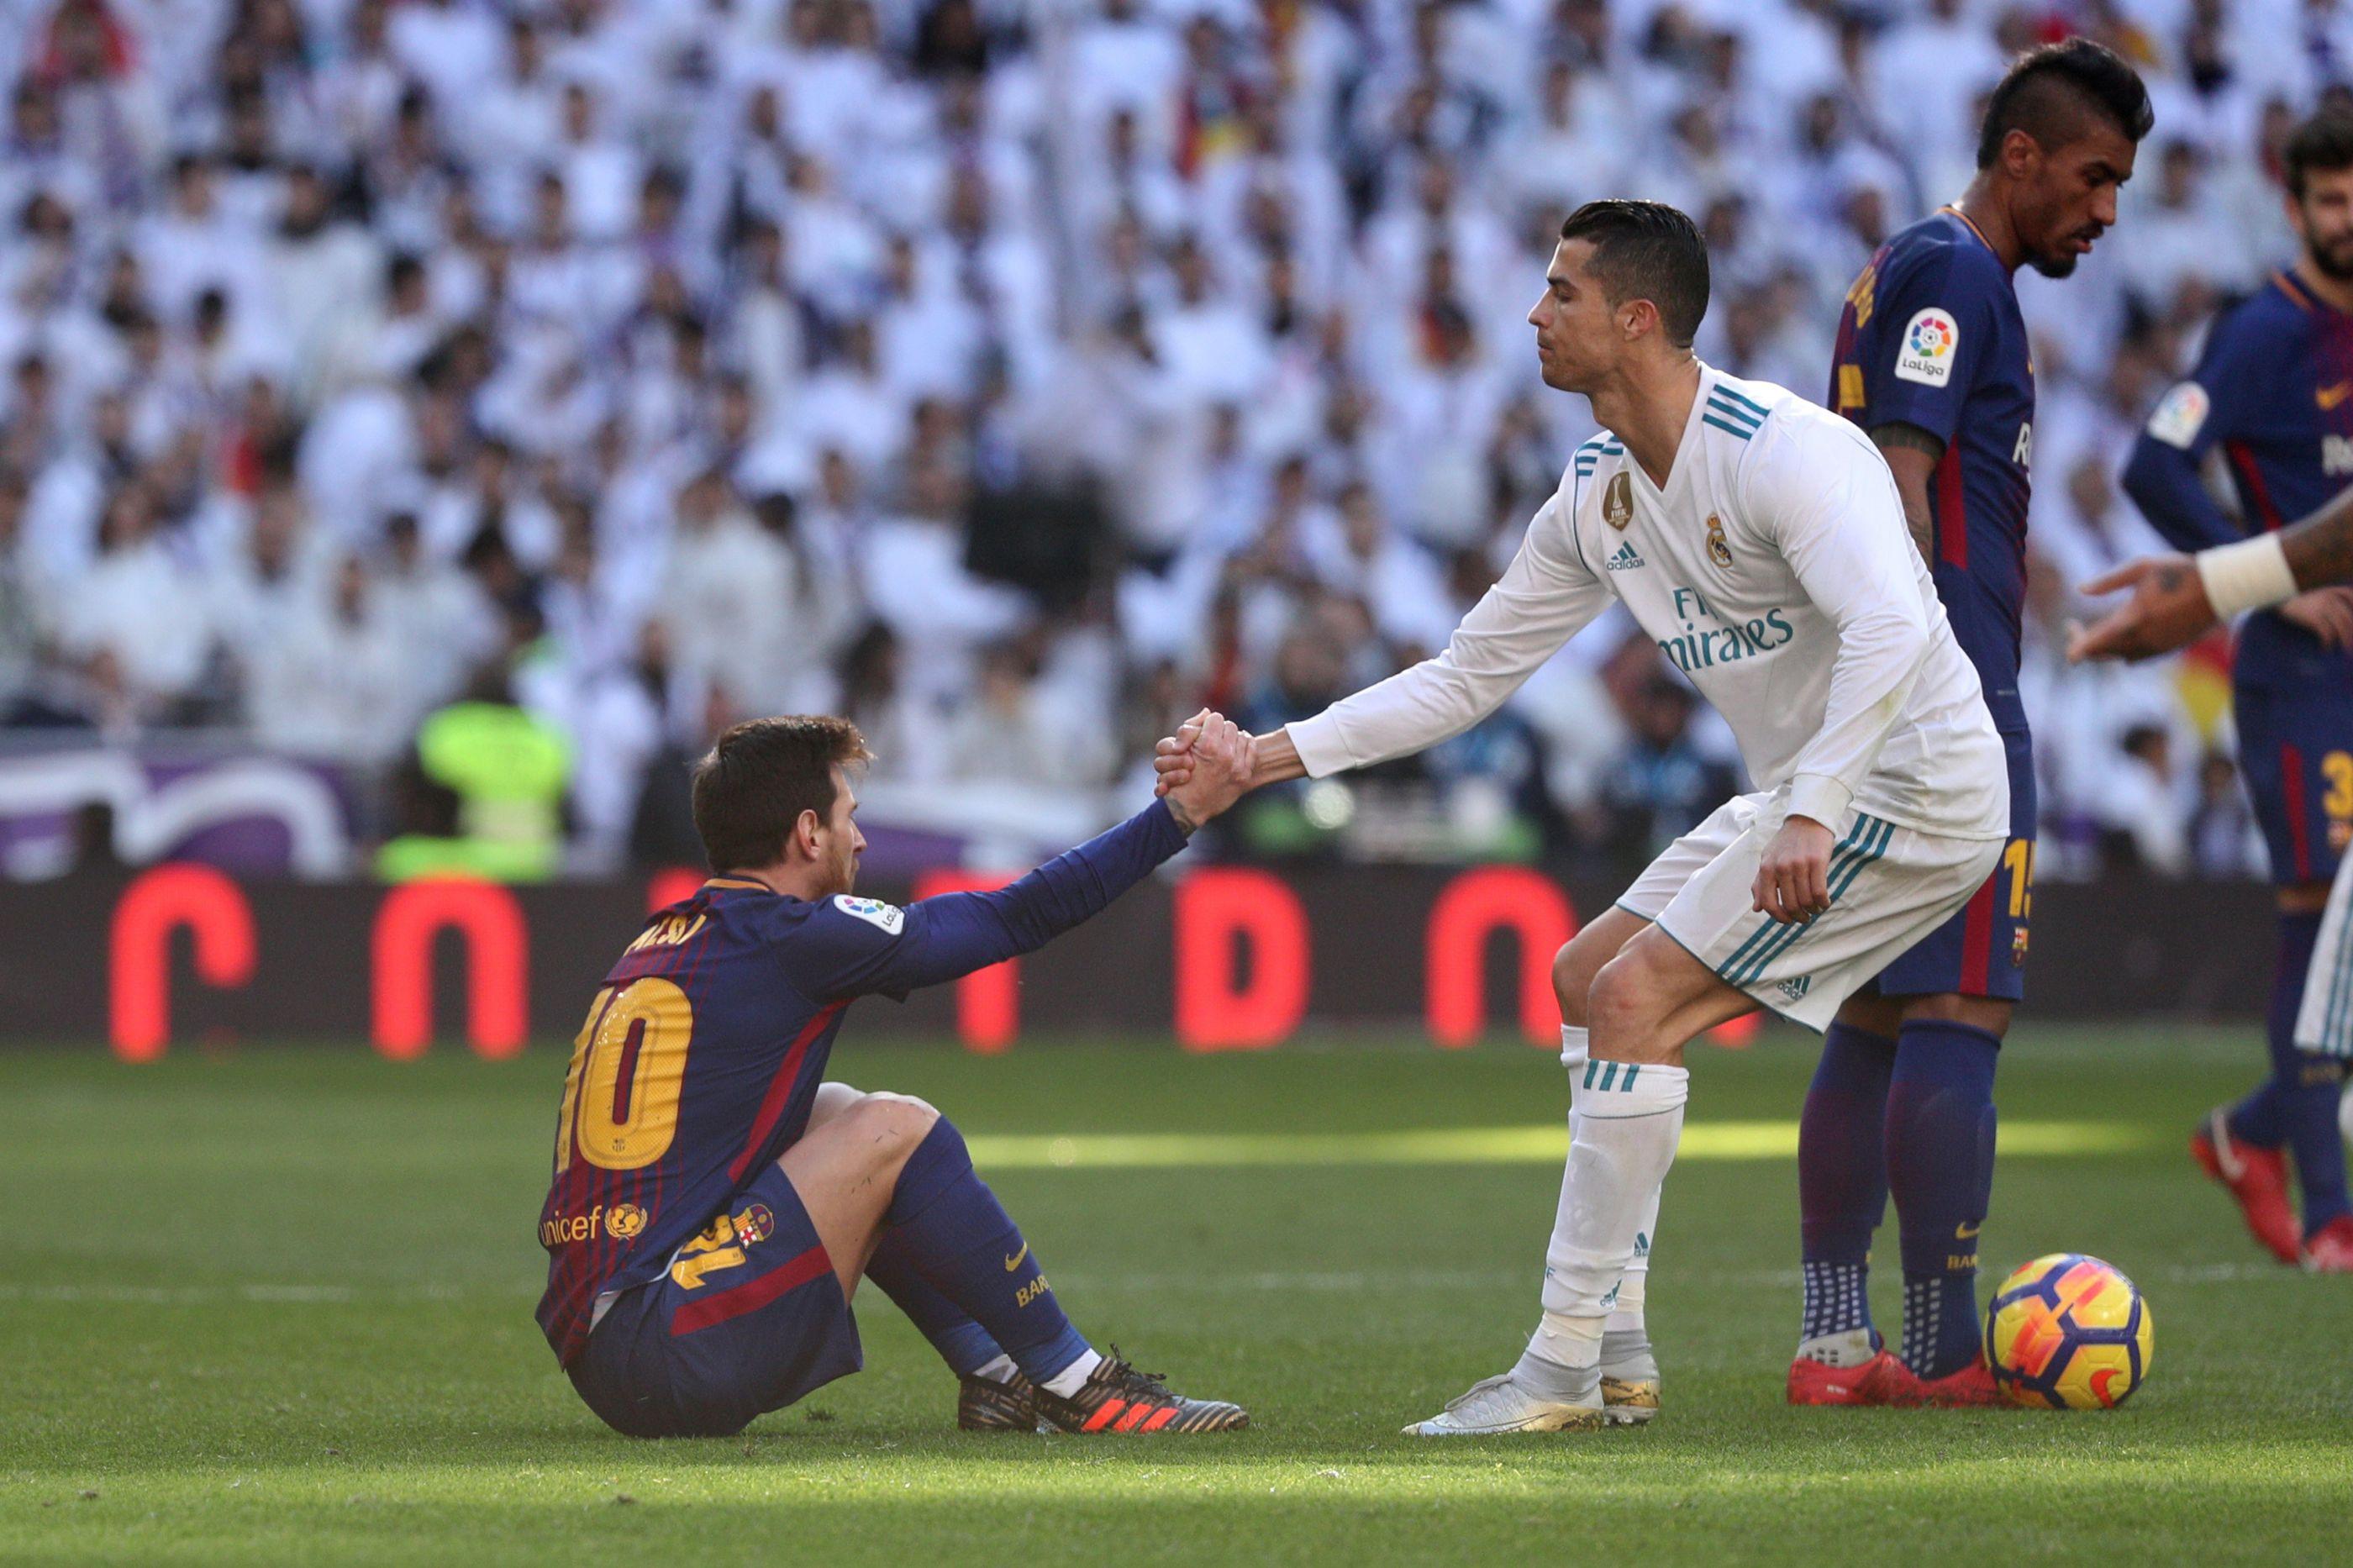 Destino volta a uni-los. Messi iguala recorde histórico de Cristiano